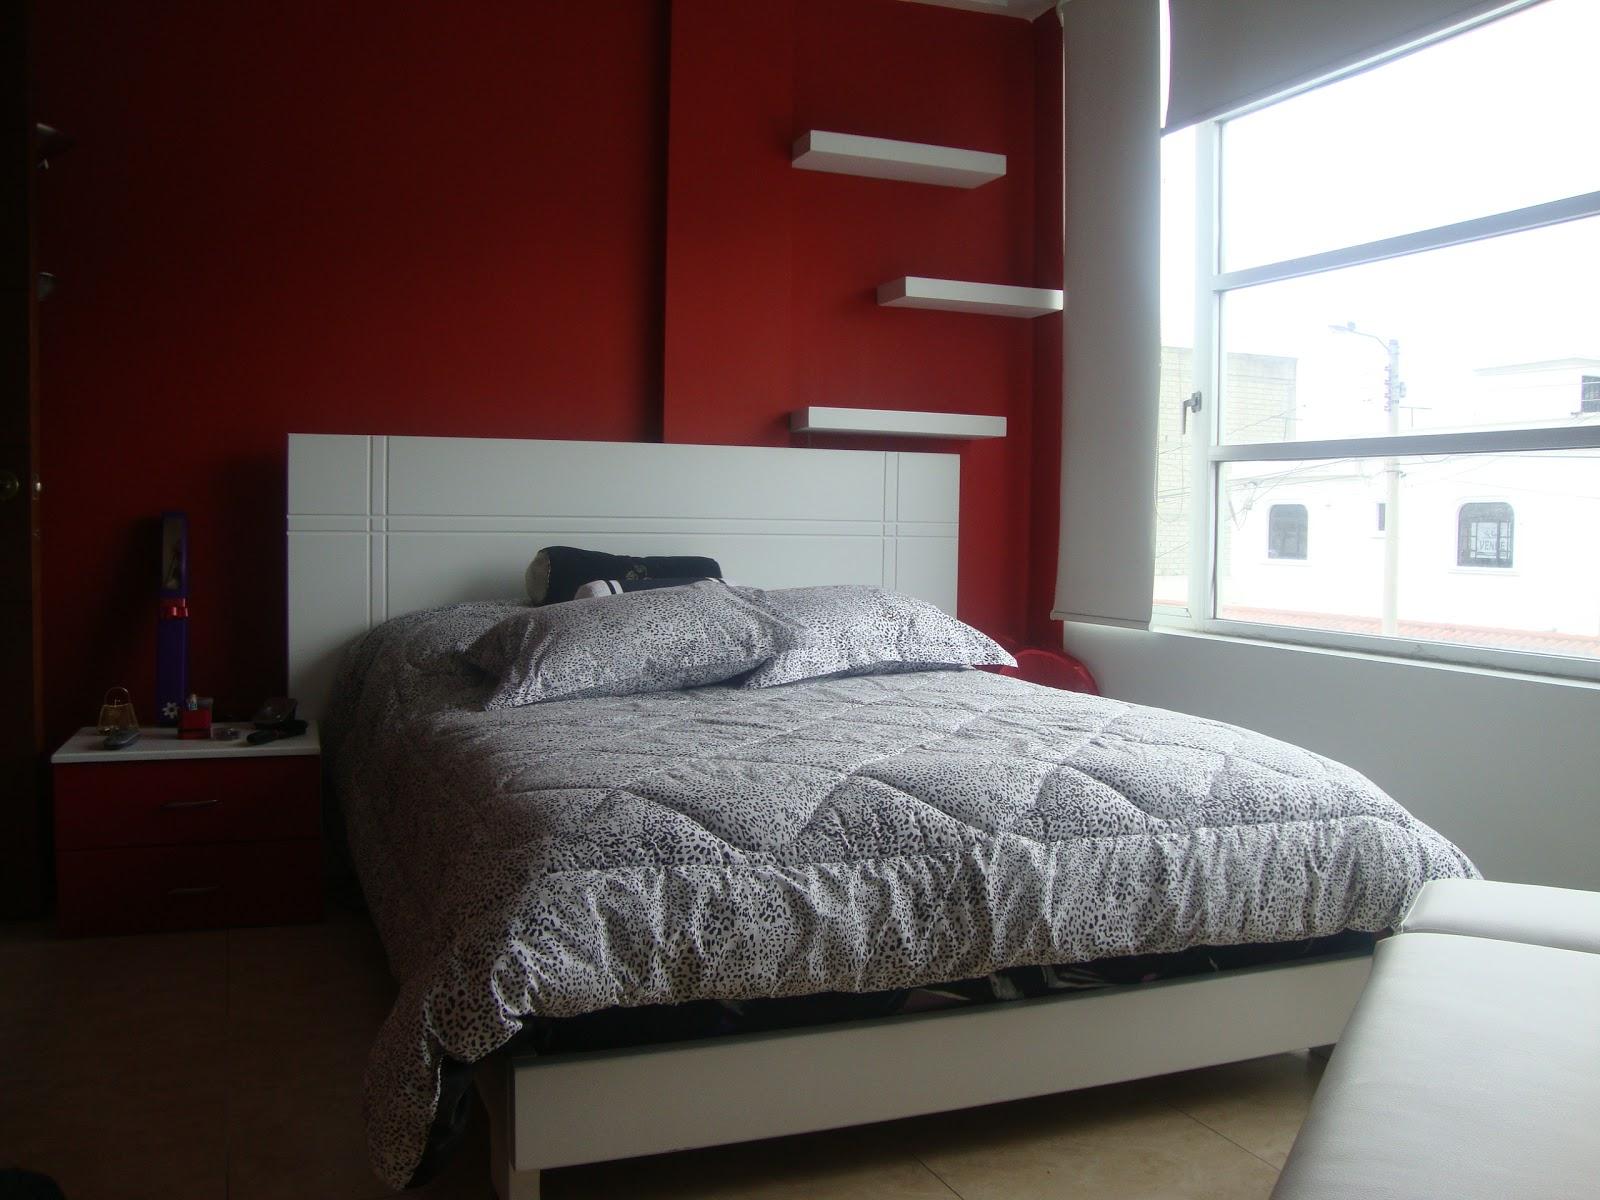 Muebles y decoraci n decoraci n de interiores - Muebles el pozo ...